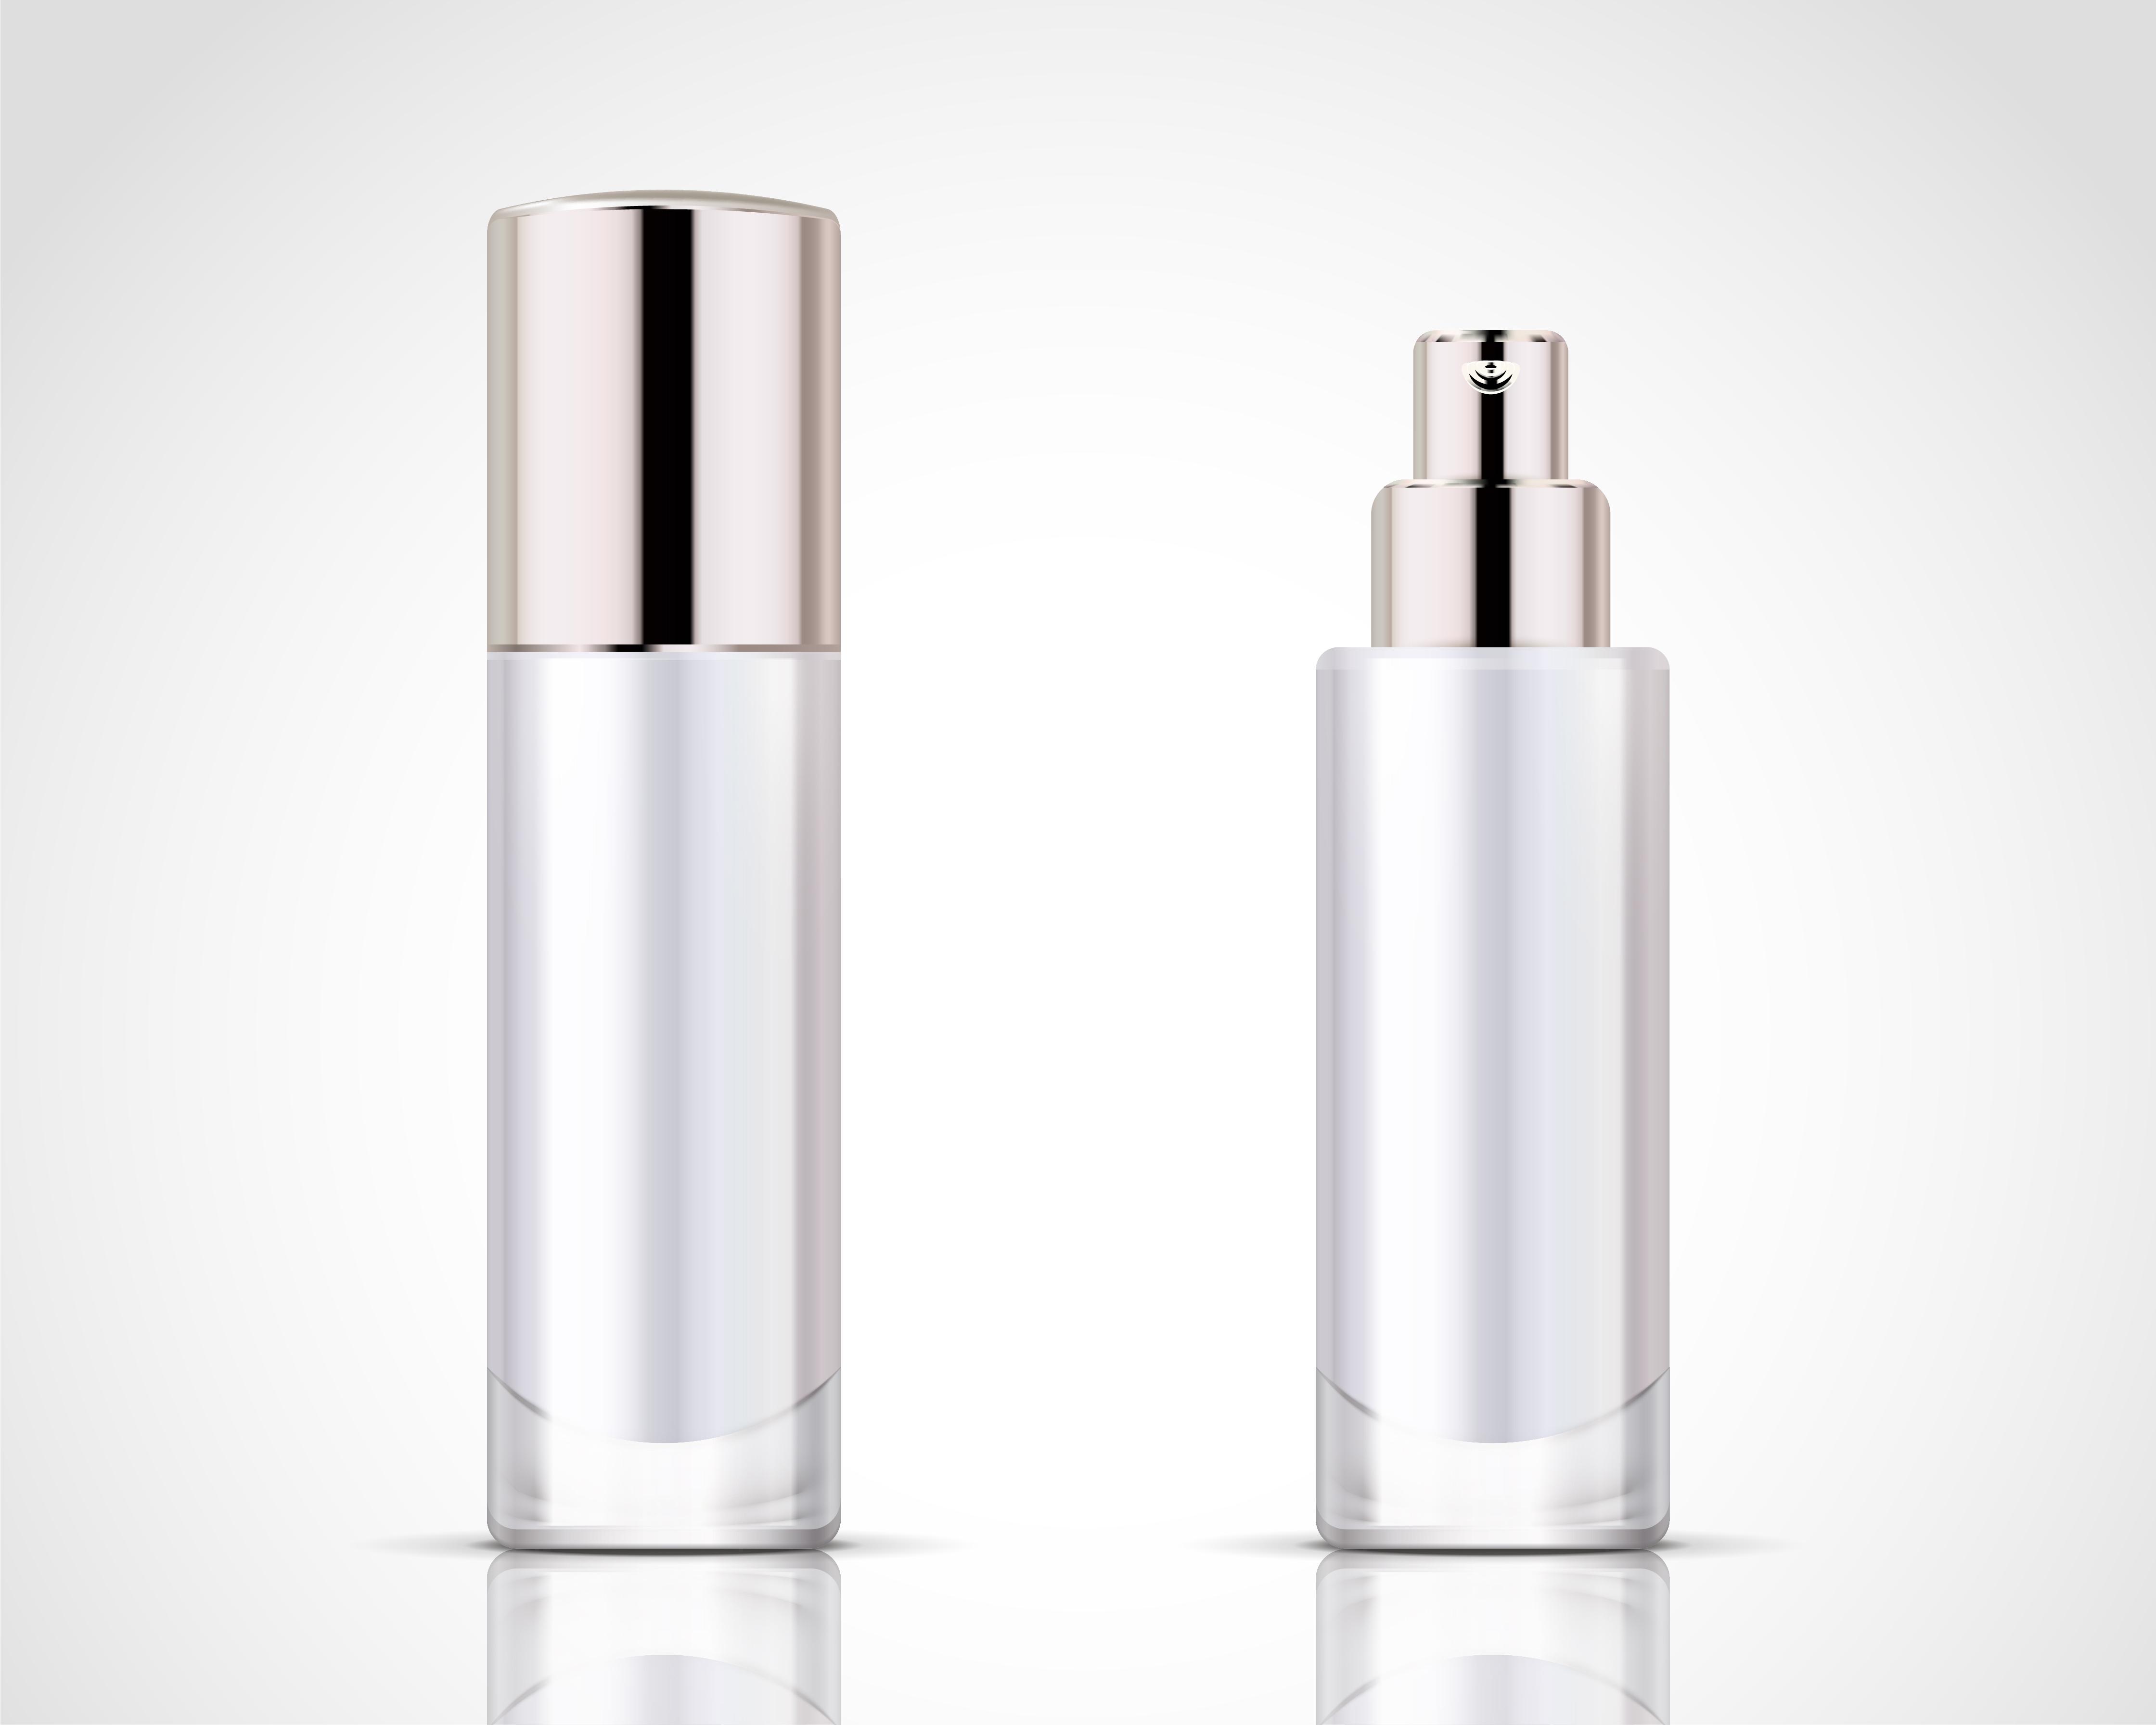 化妆品OEM加工的成本是多少